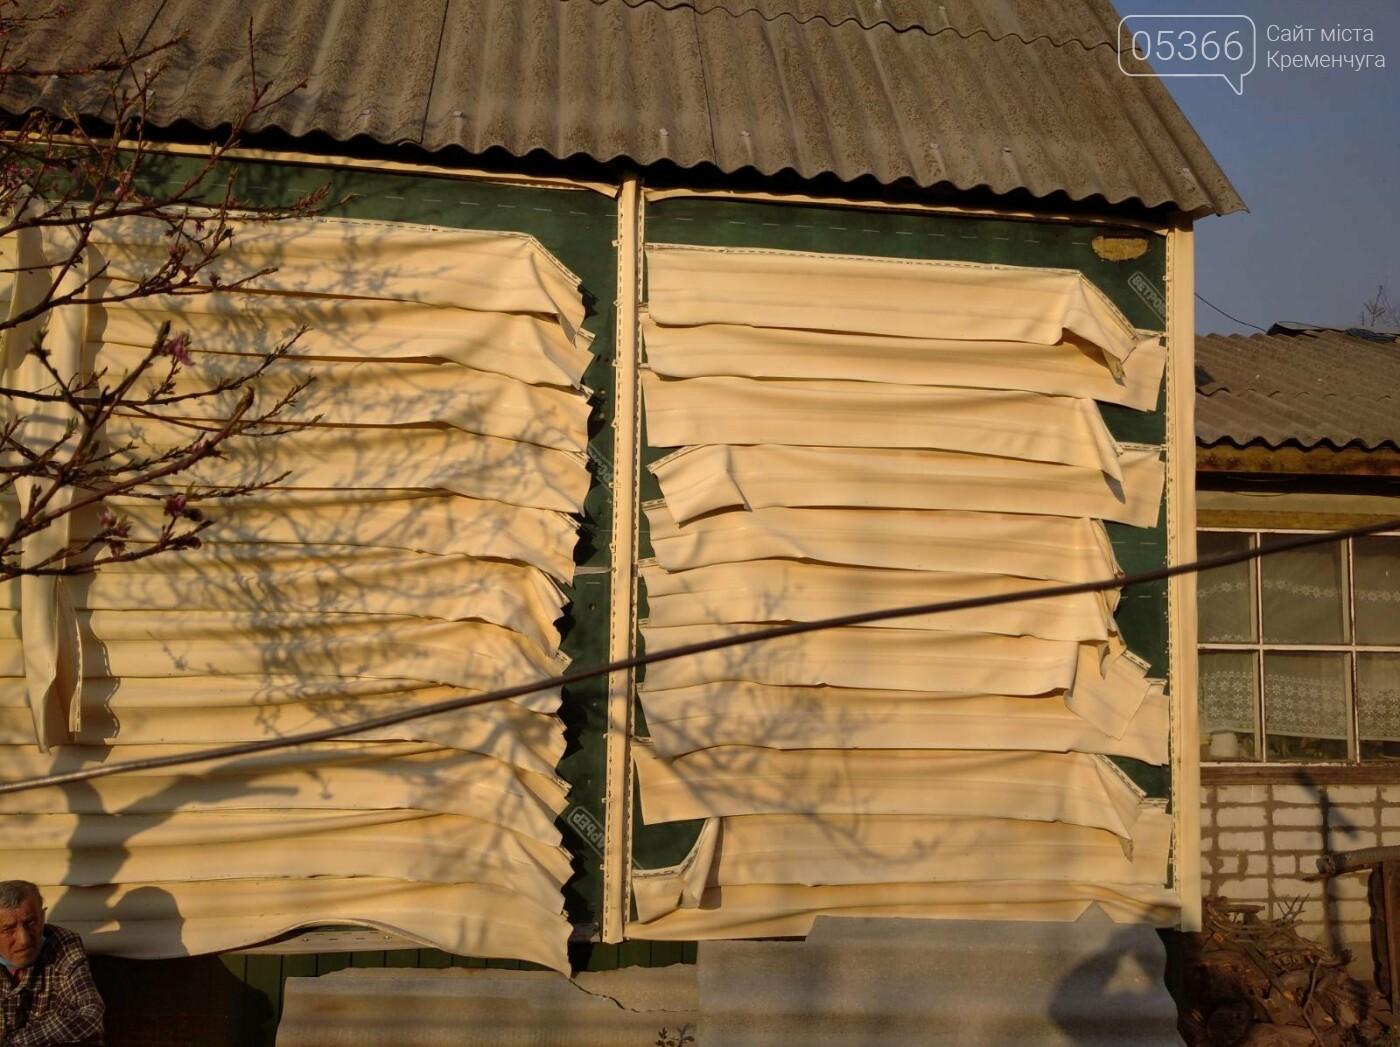 У Кременчуці спалахнула пожежа у приватному будинку на Сумській. Фото , фото-3